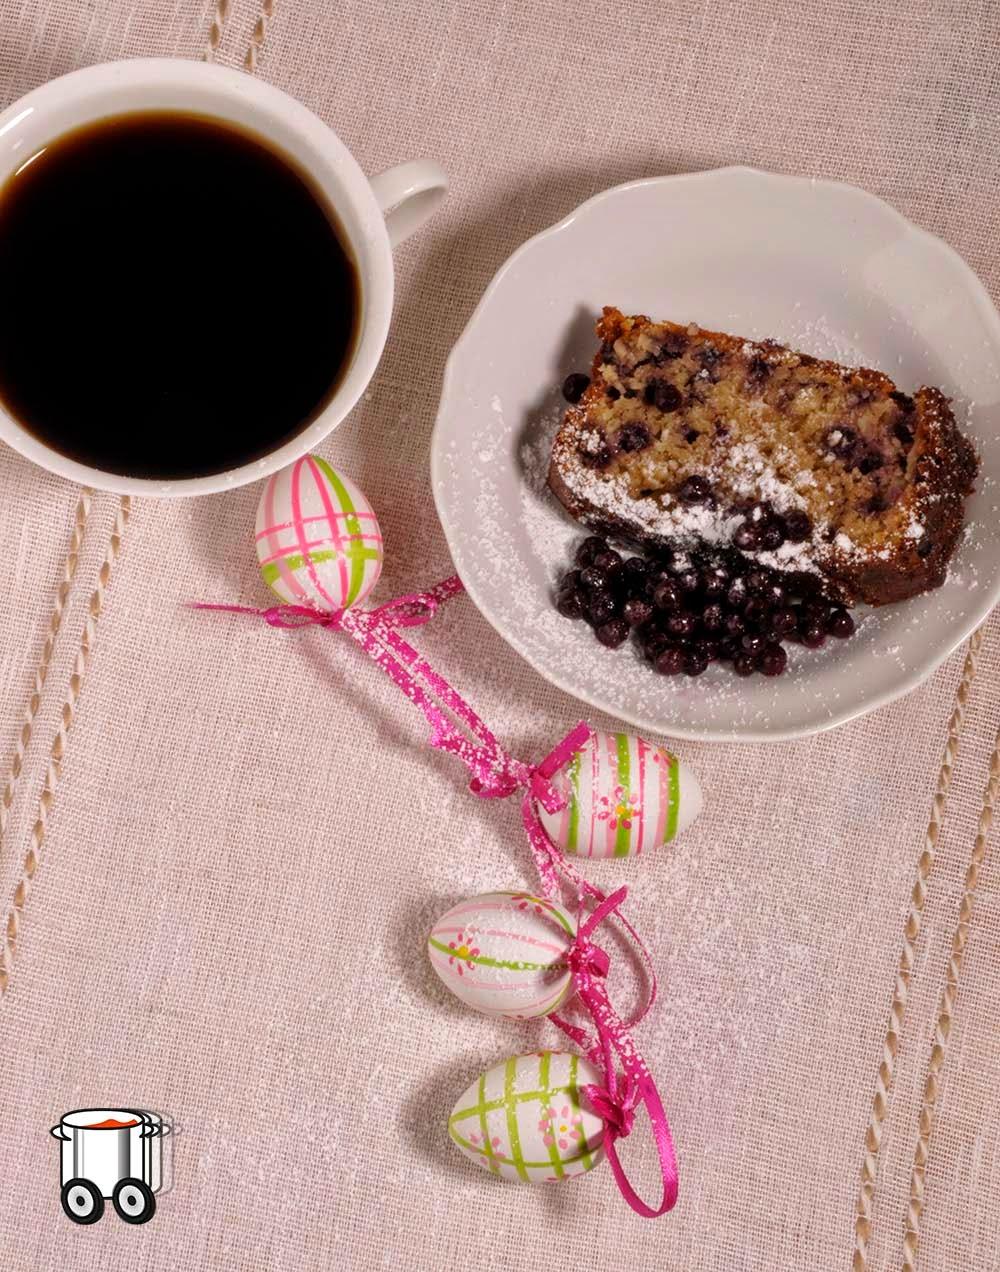 Szybko Tanio Smacznie - Babka wielkanocna z jagodami. Bez glutenu, jajek, mleka i laktozy.